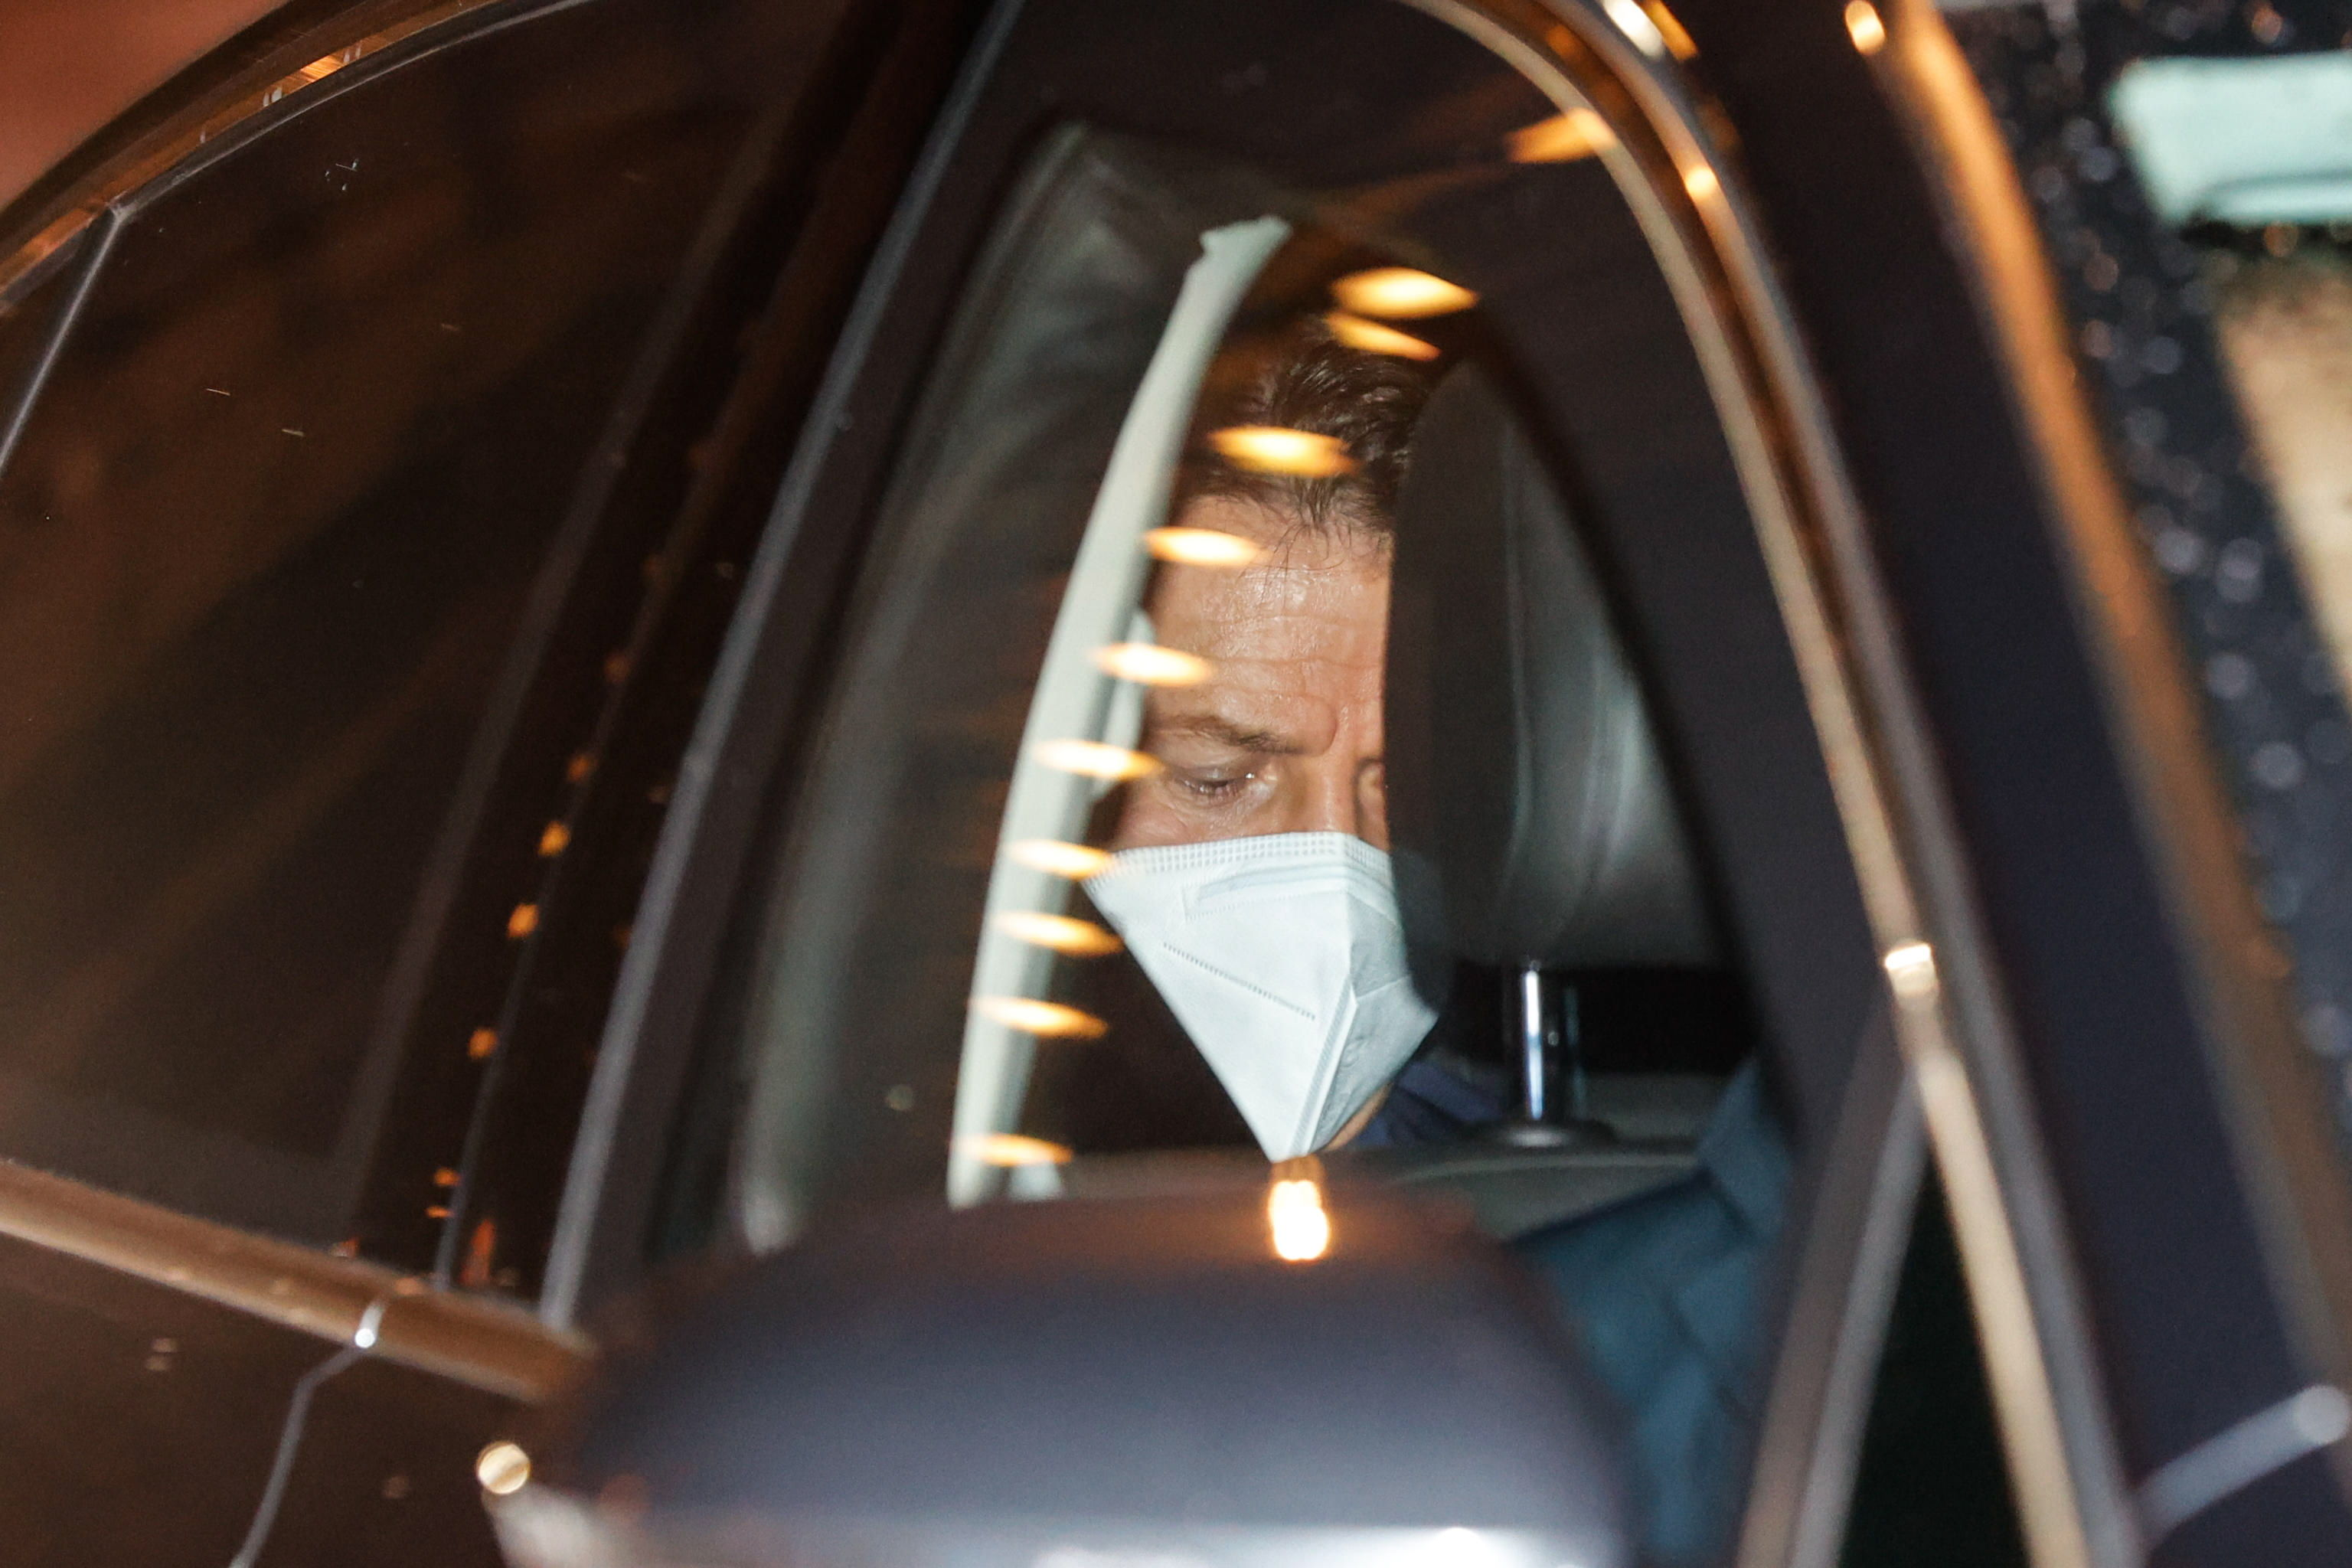 Conte se dirige a su reunión con el presidente Mattarella.